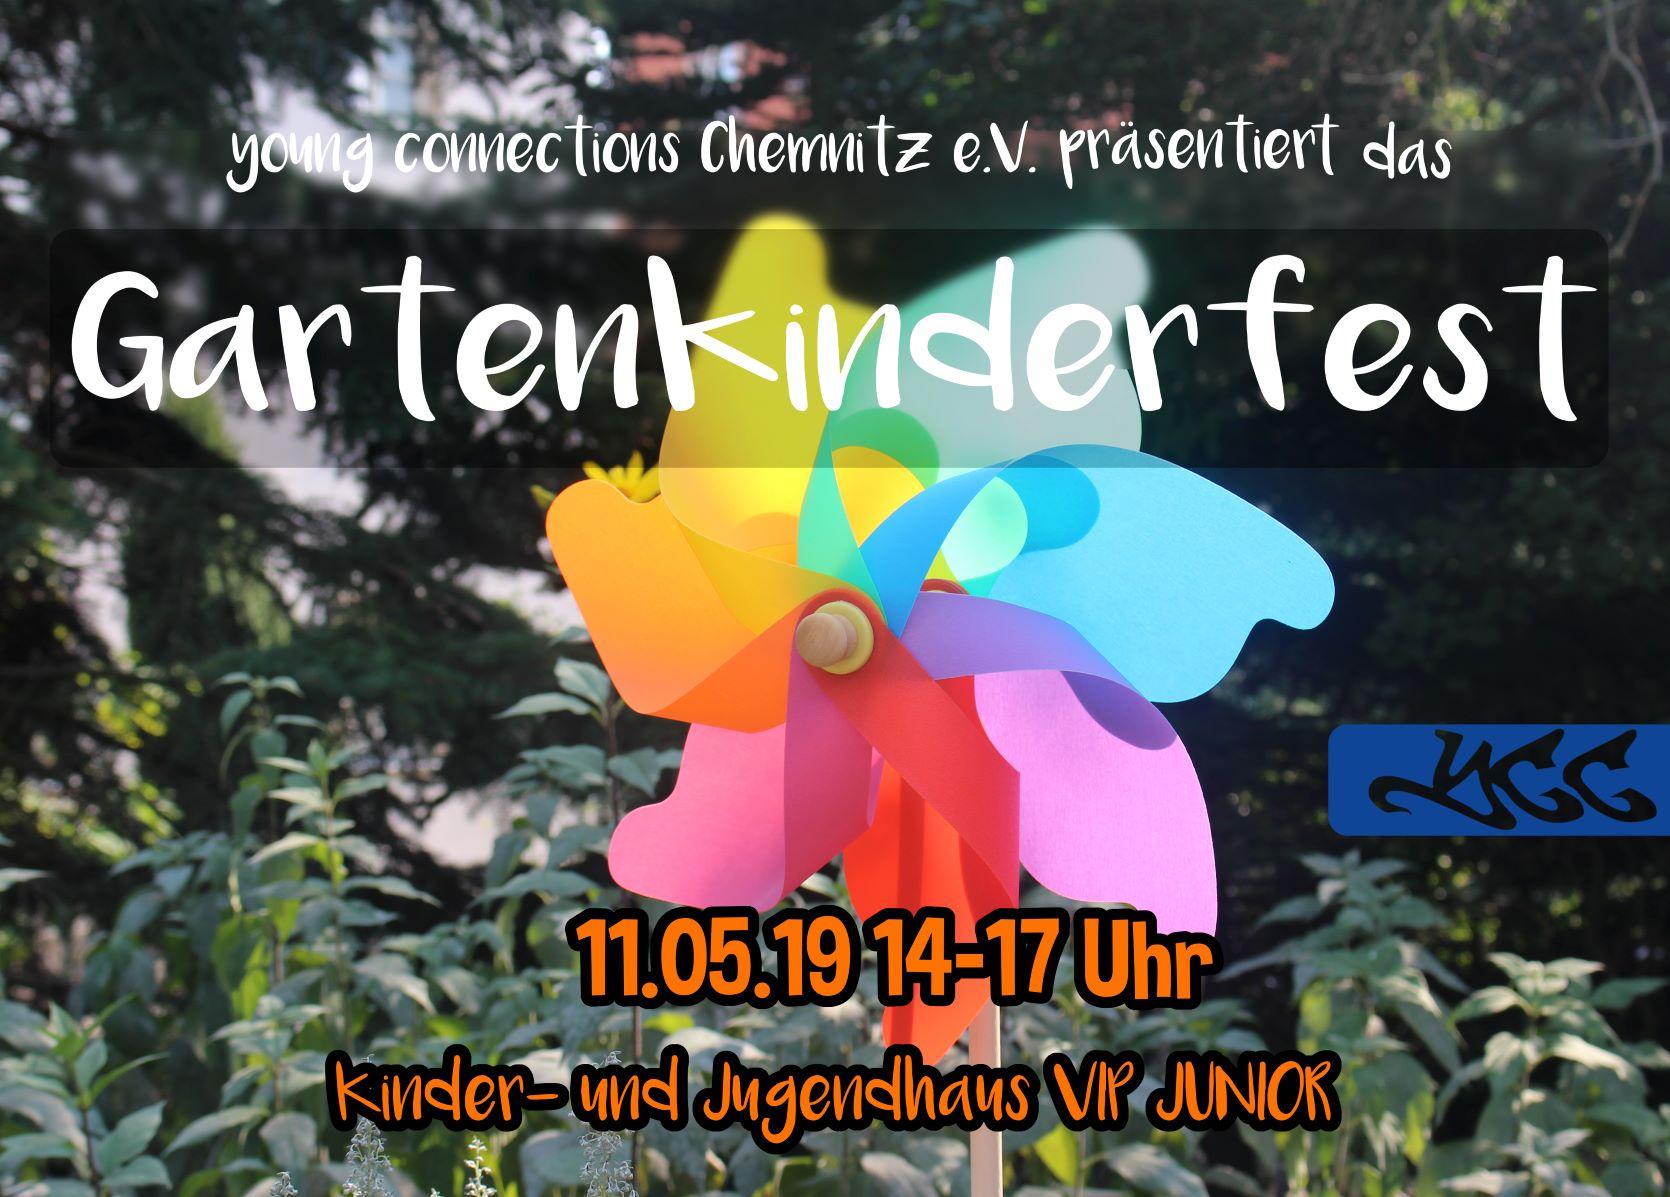 Gartenkinderfest flyer mail